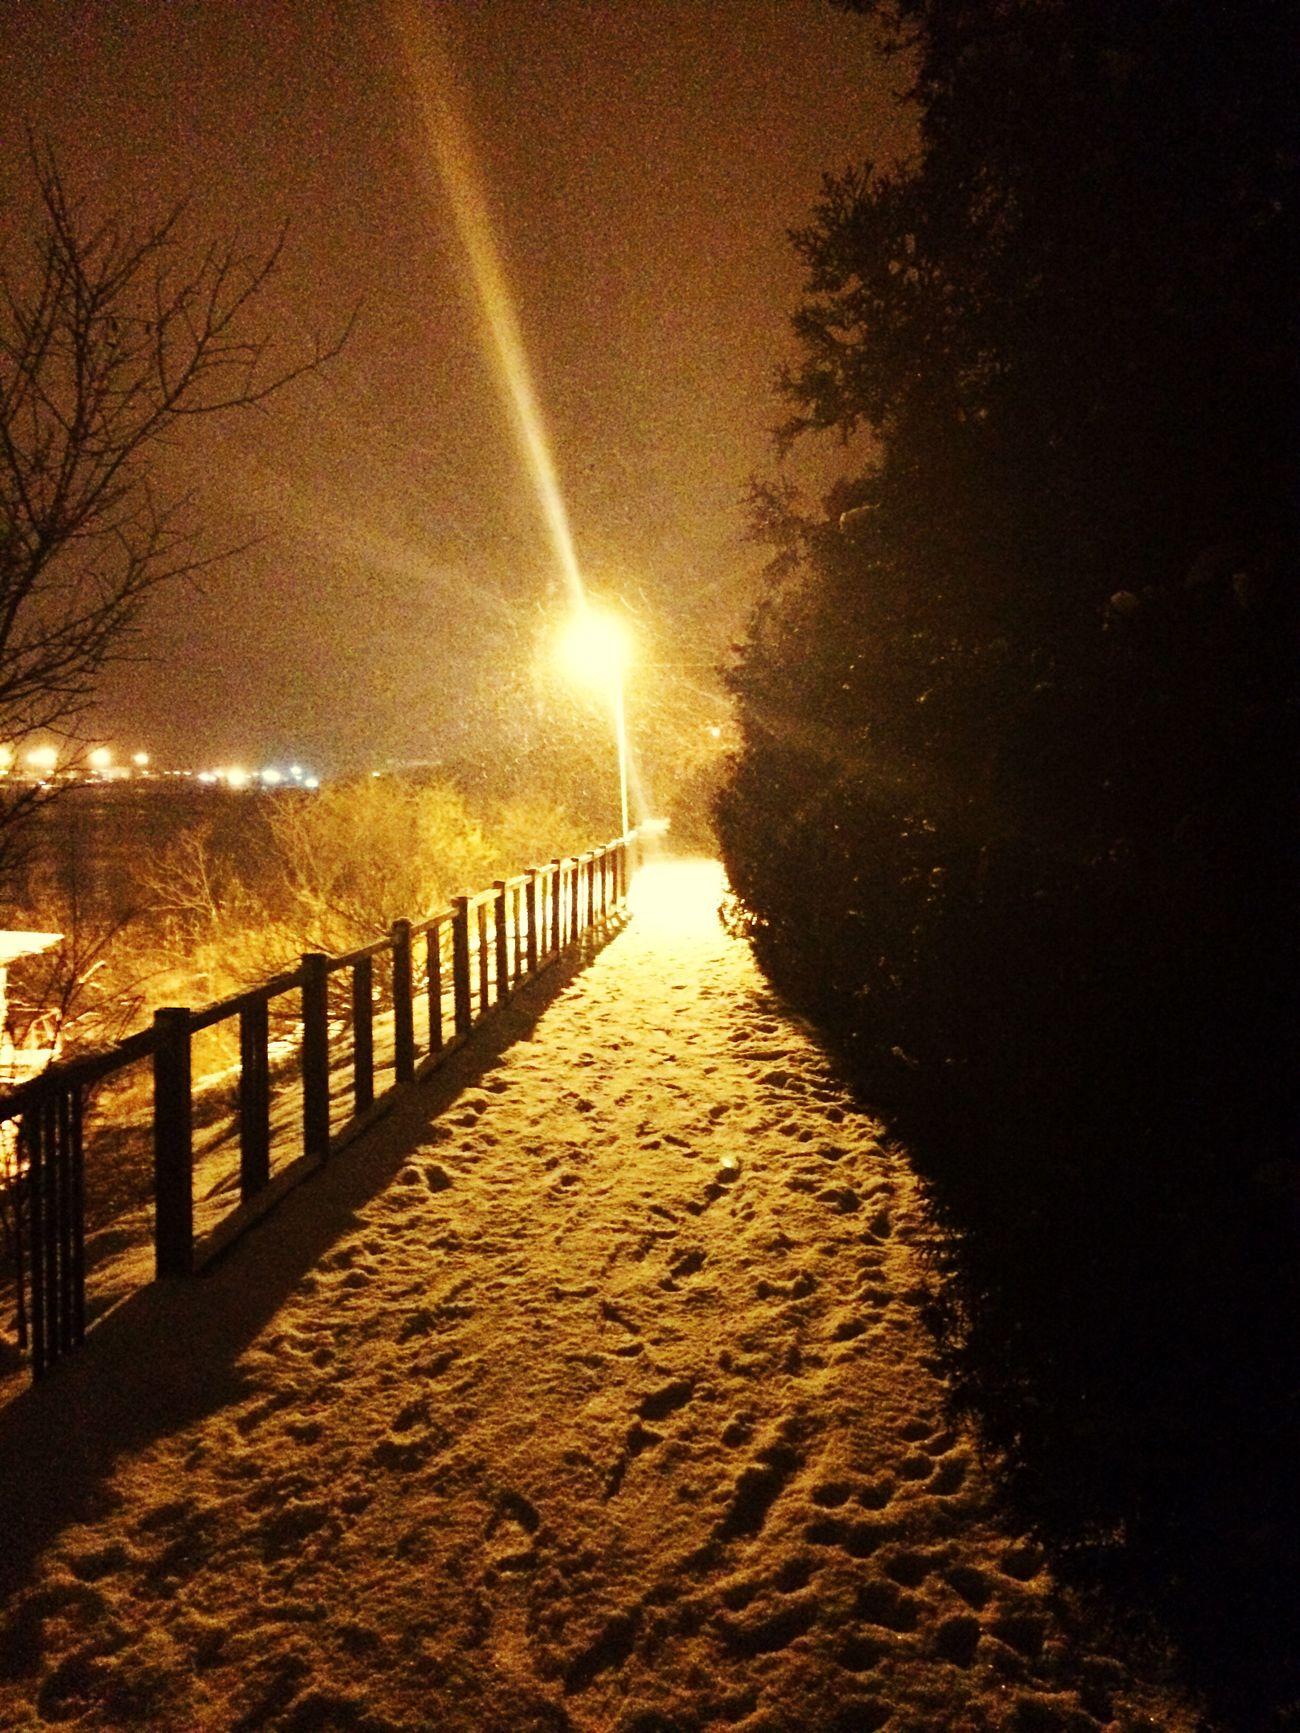 Illuminated Street Light Beauty In Nature First Eyeem Photo